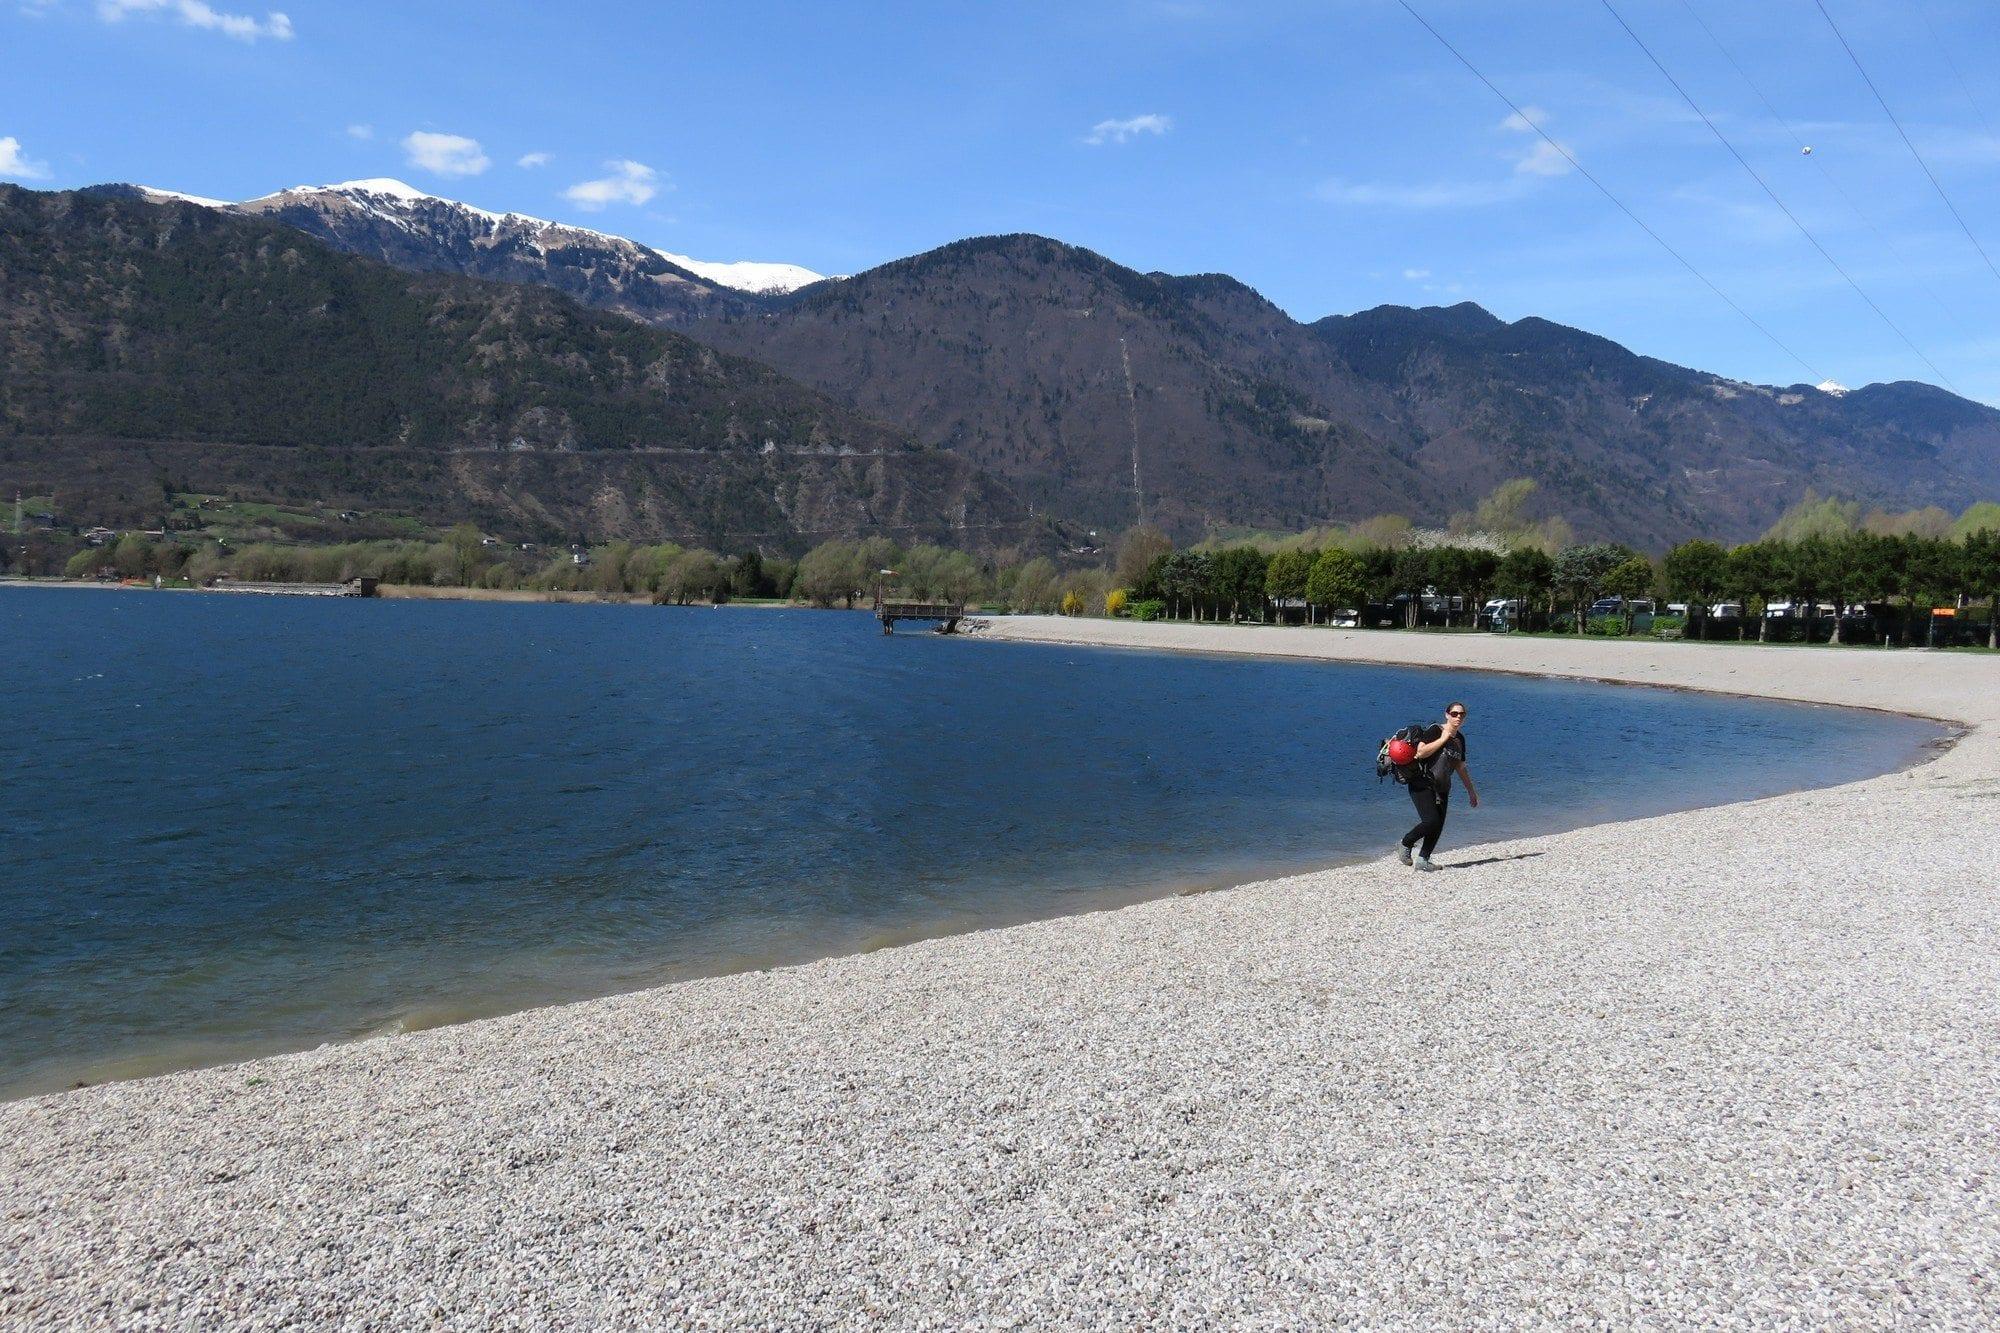 טיול הרפתקה באיטליה - ערוצים בטבע